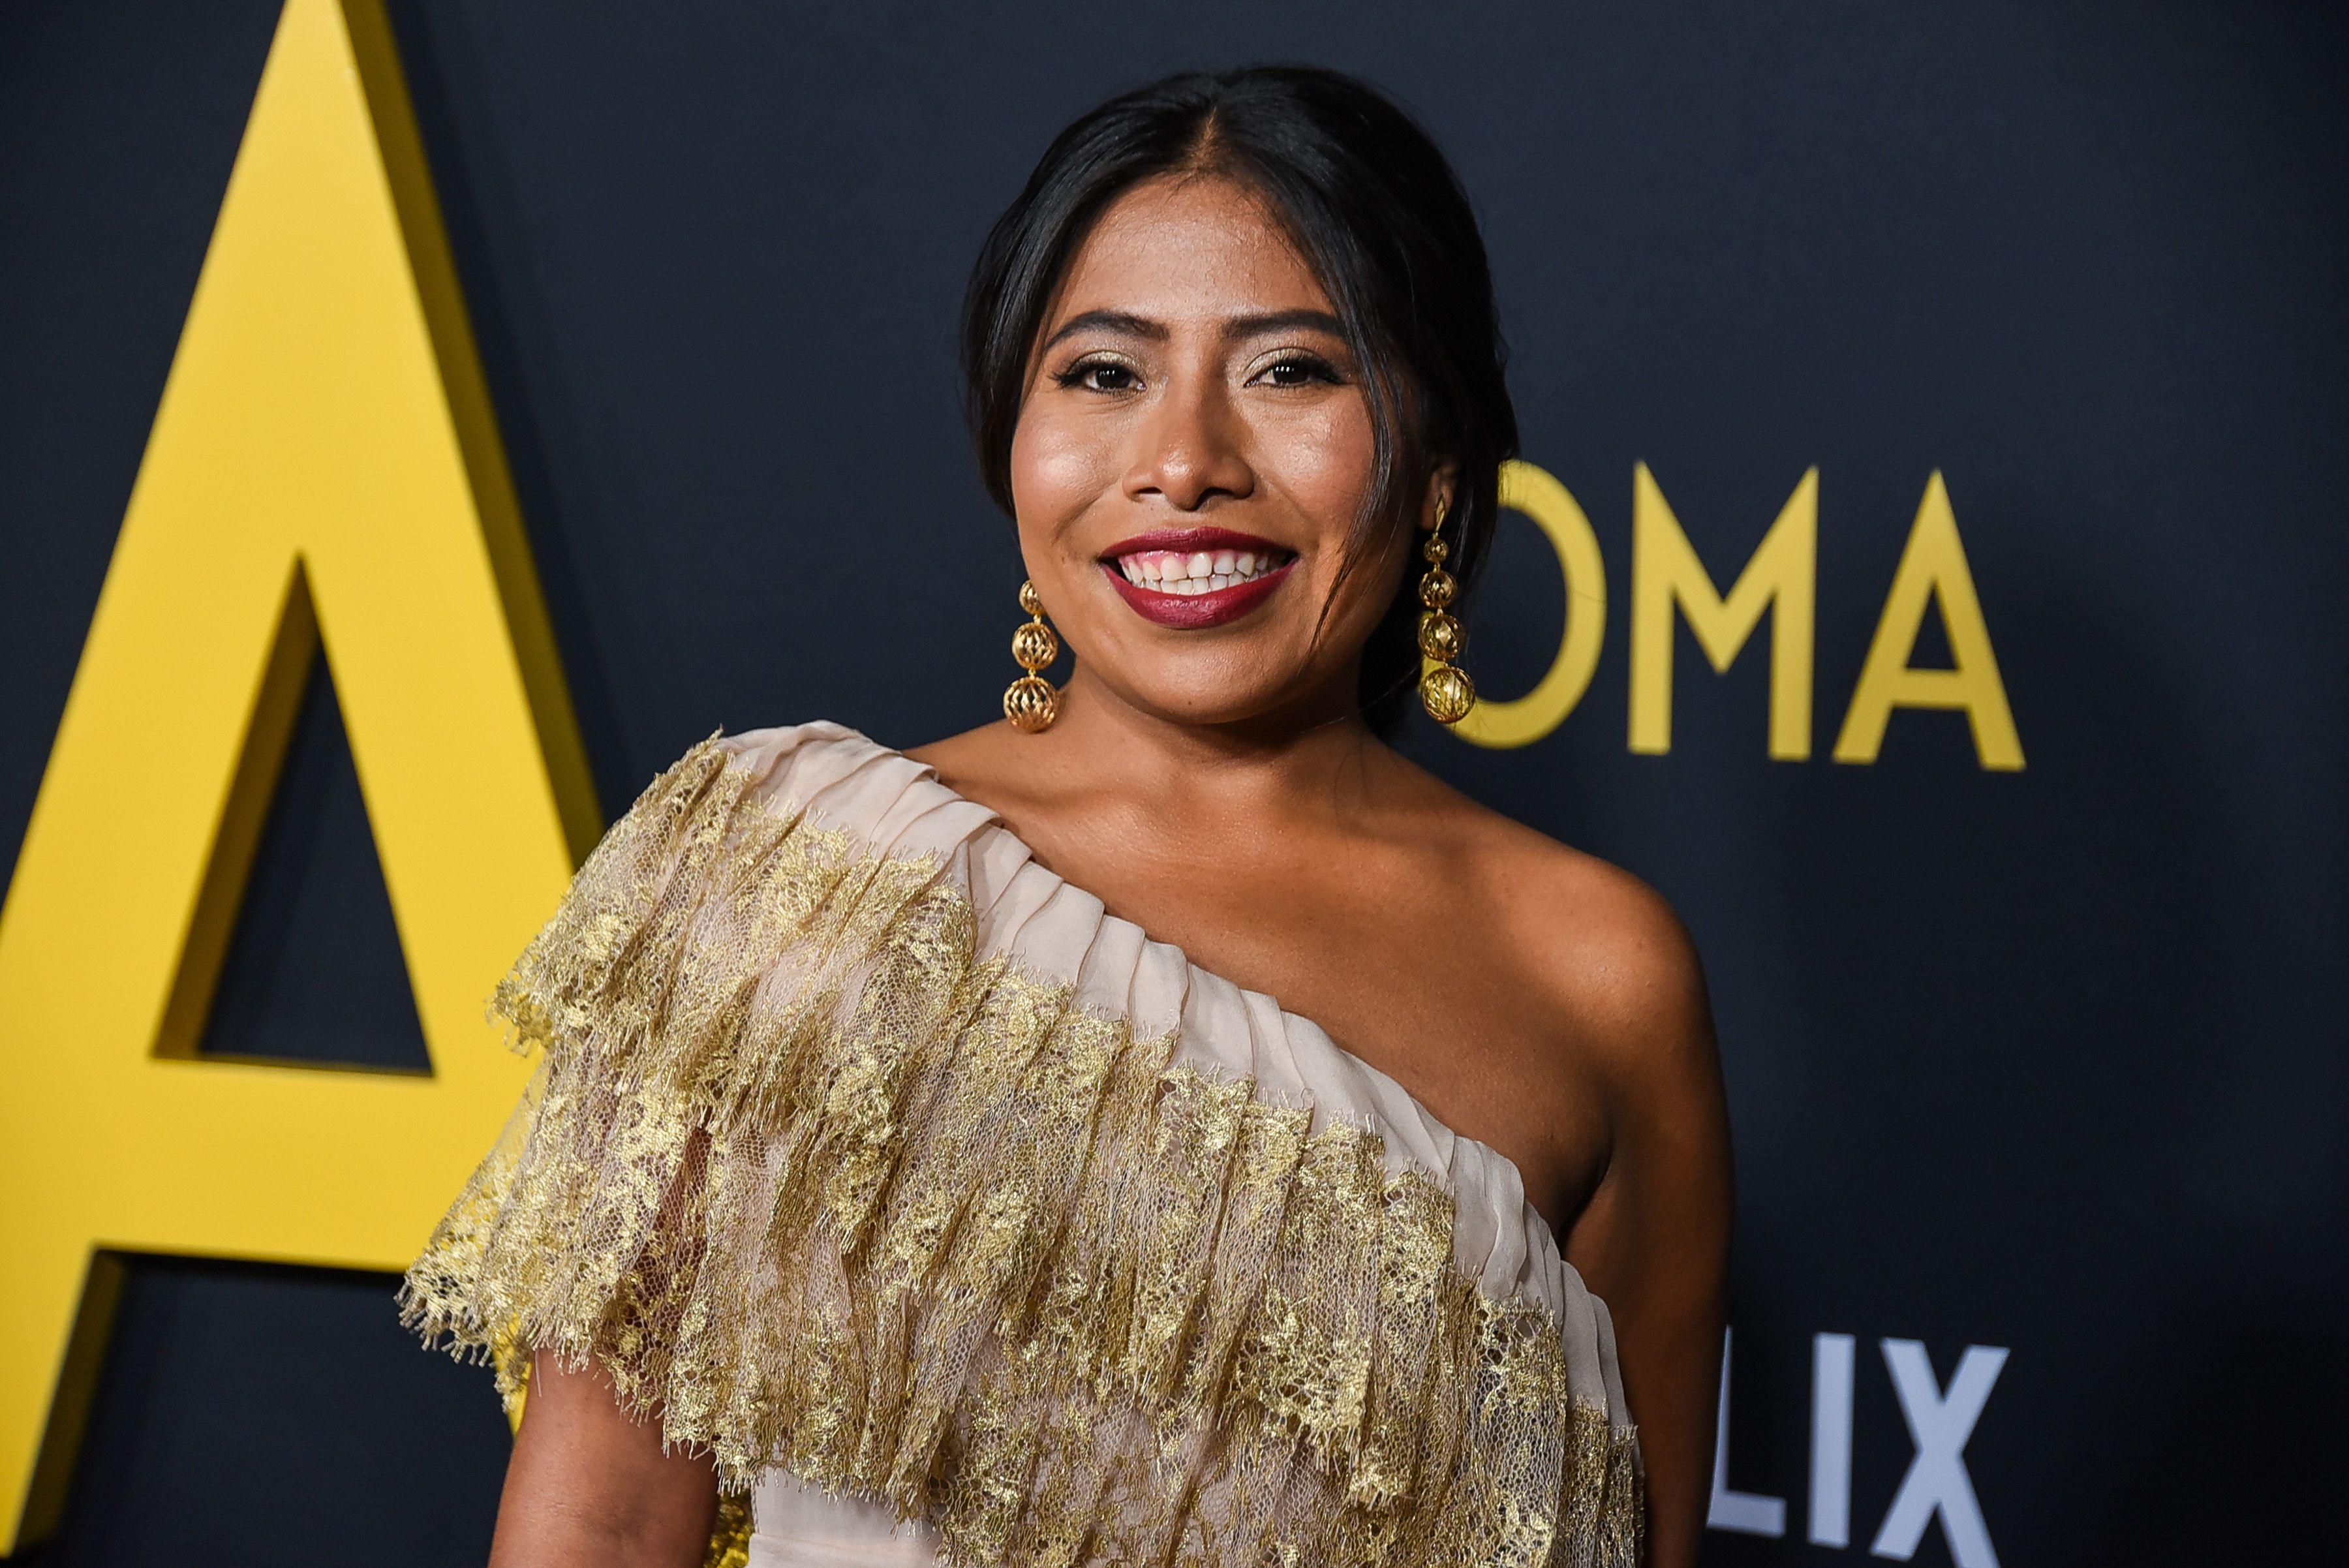 Who Is Yalitza Aparicio? Meet the Oscar-Nominated Star of Roma